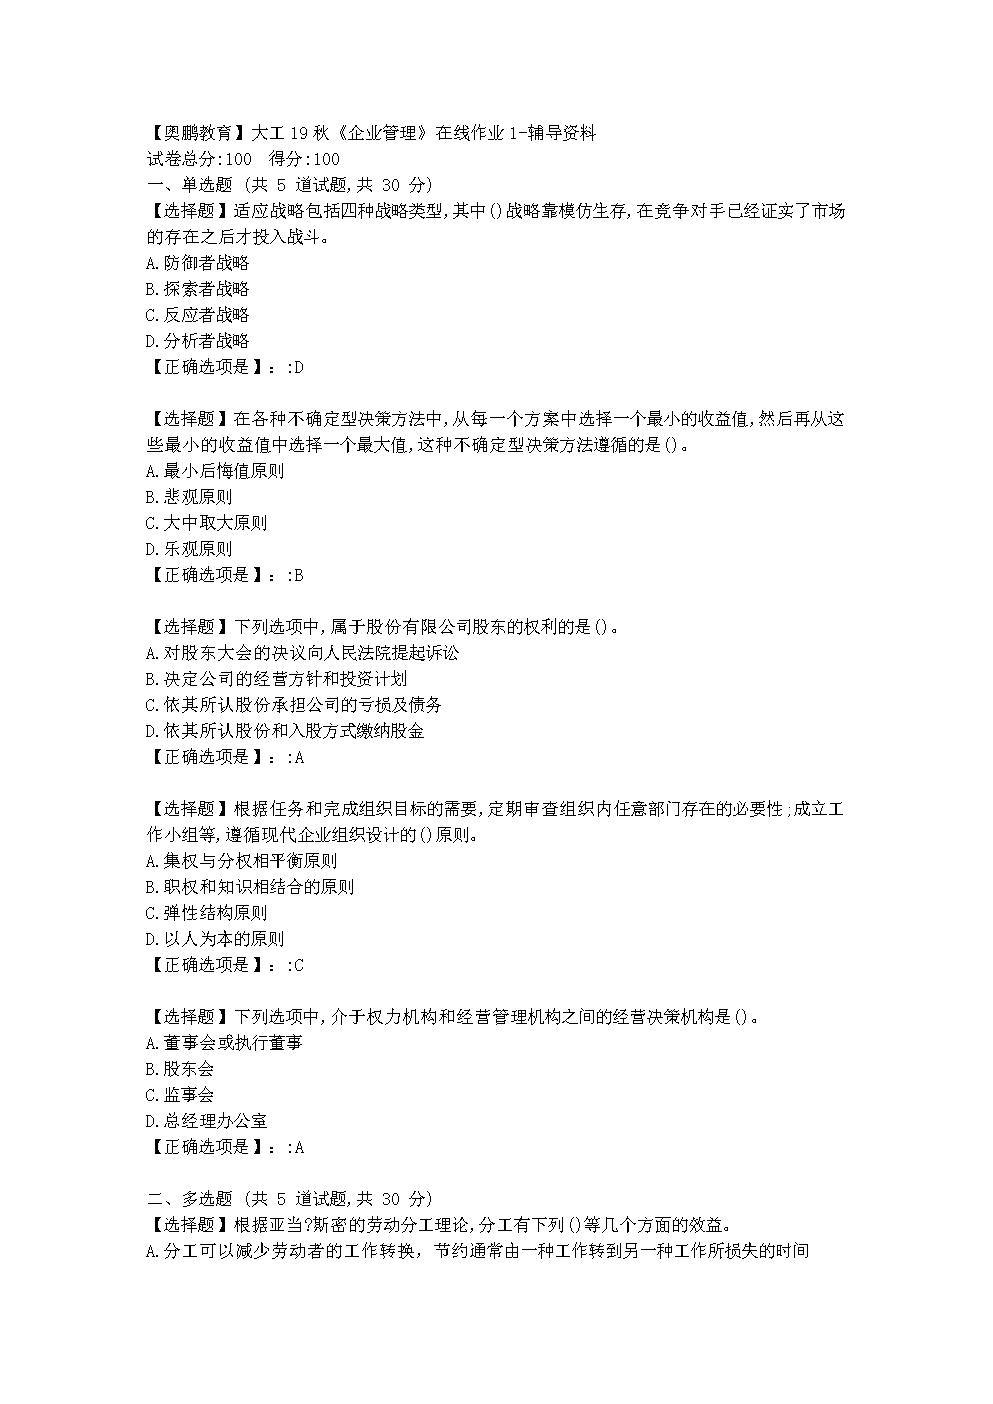 大连理工大学19秋《企业管理》在线作业1学习资料.doc